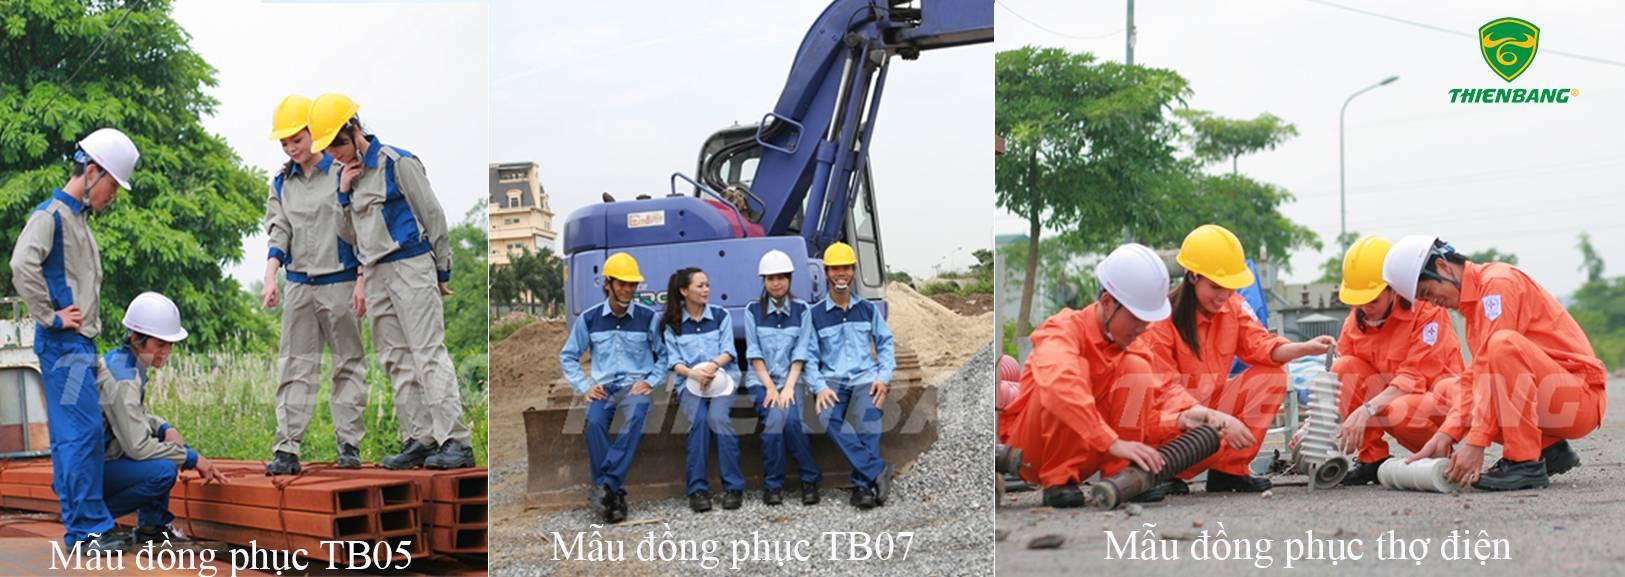 Kết quả hình ảnh cho quần áo đồng phục công nhân